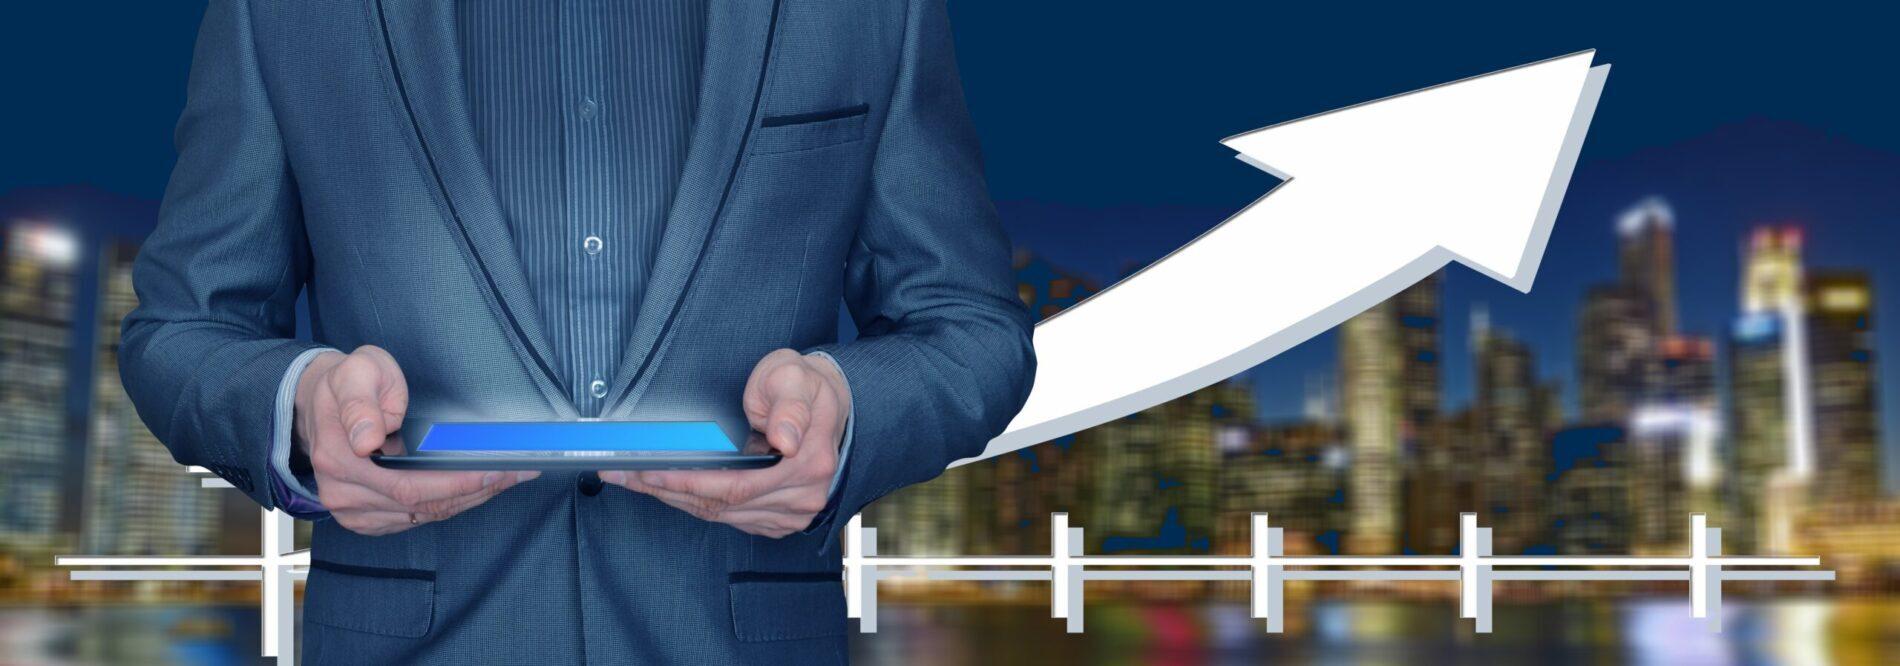 Thúc đẩy sự phát triển của doanh nghiệp của bạn với các mẹo trang web này